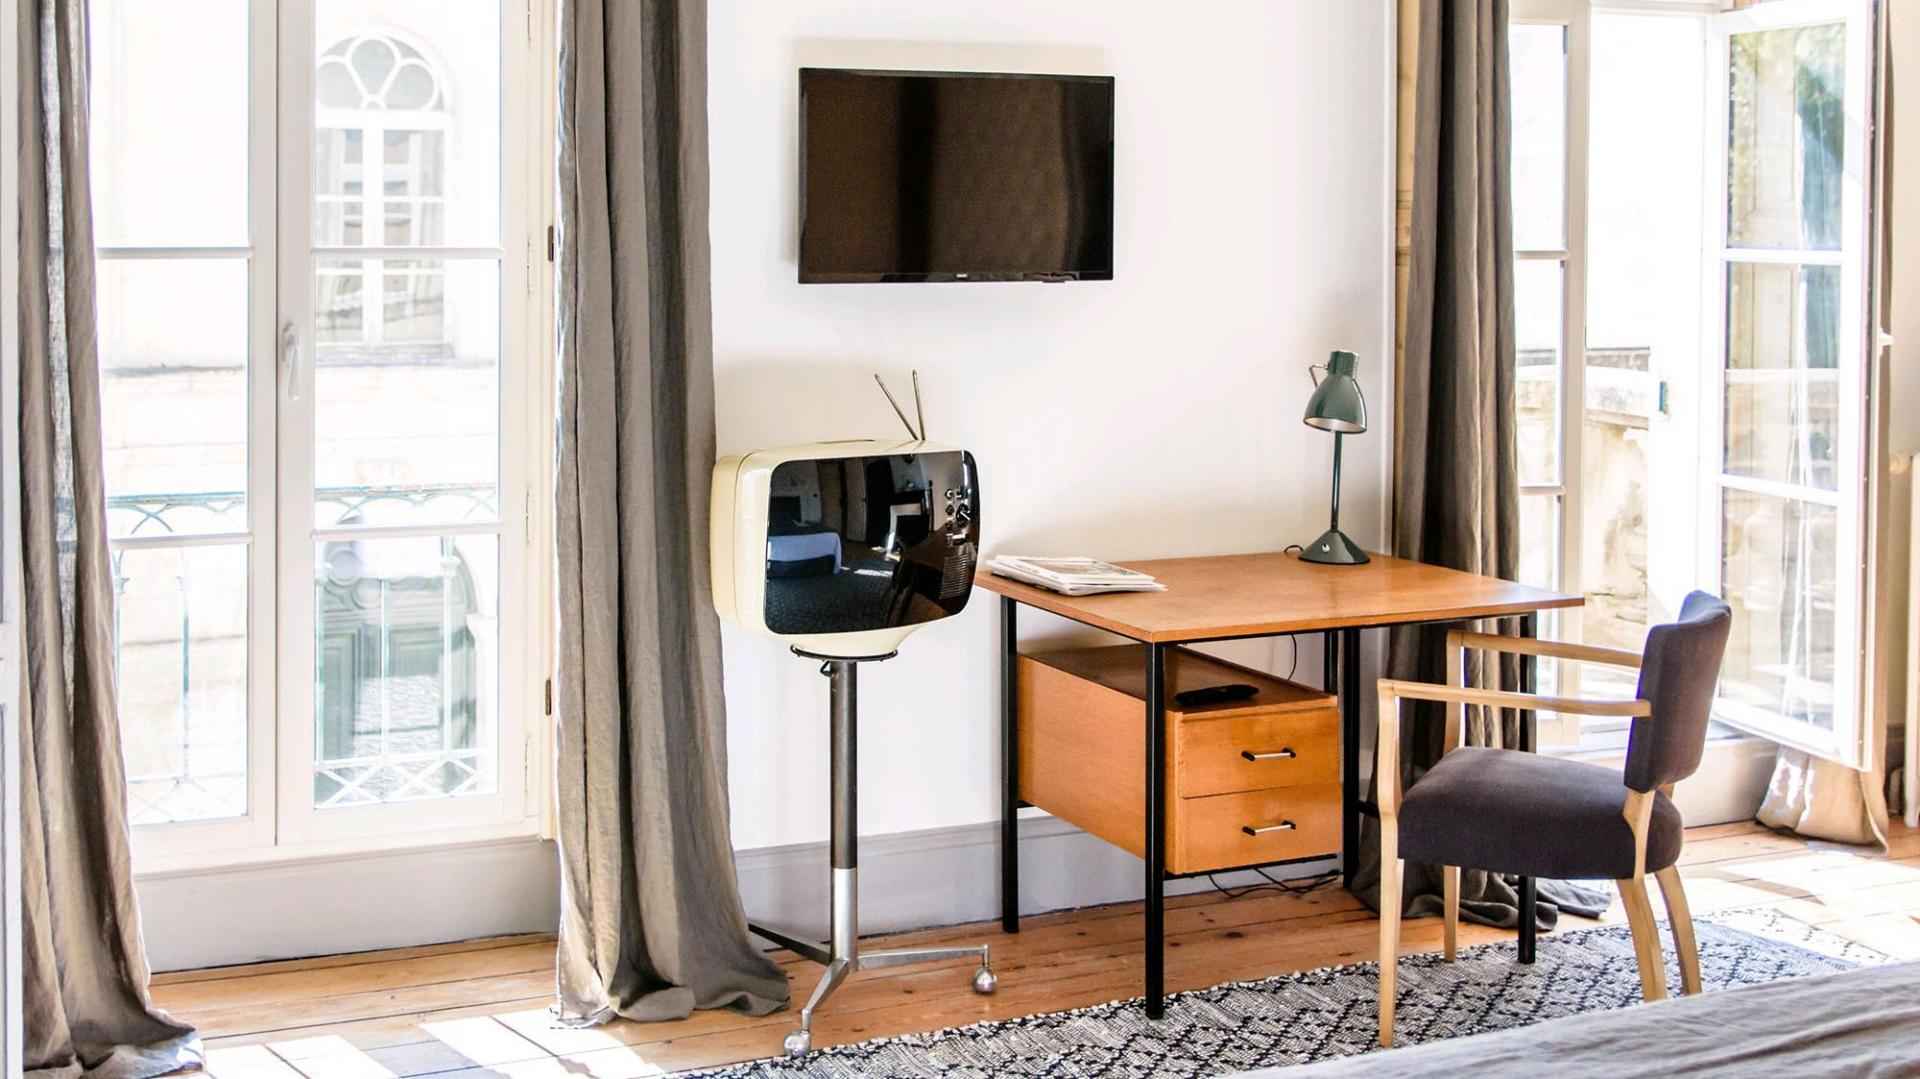 Bureau/télé de la chambre Ray Eames